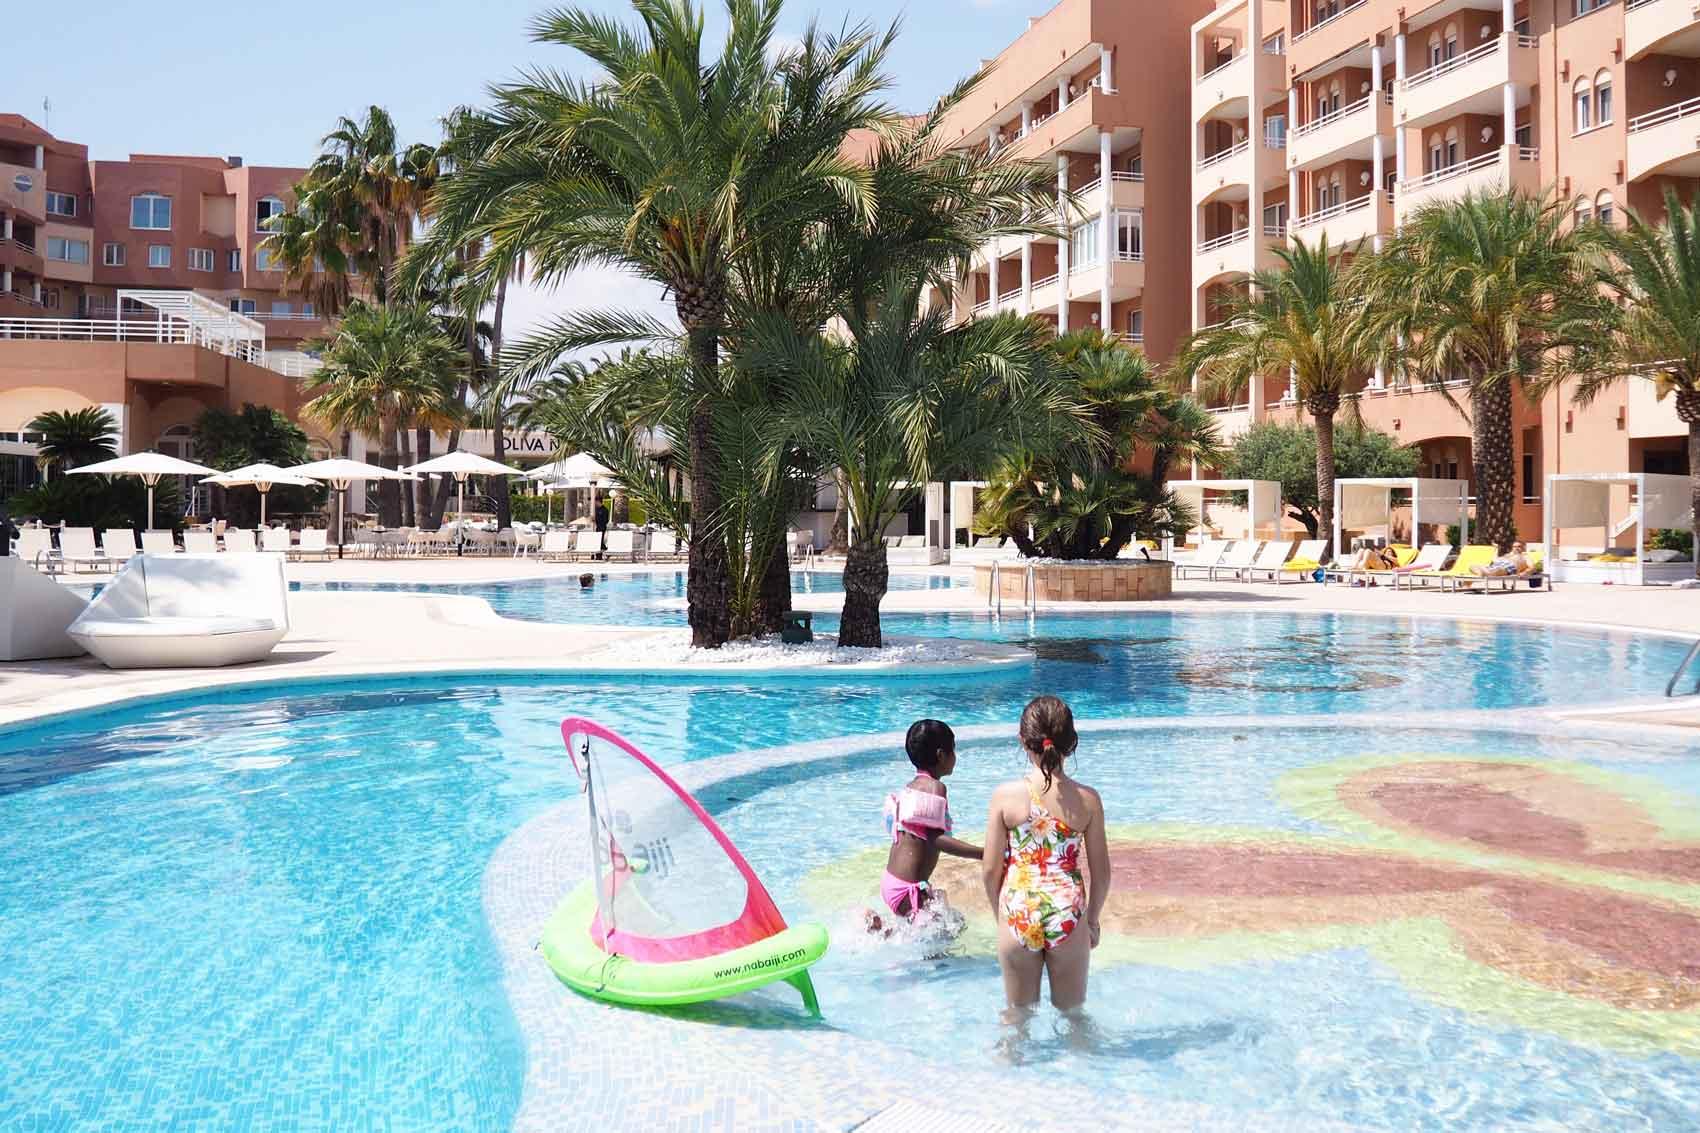 Hotel Oliva Nova_claraBmartin_16